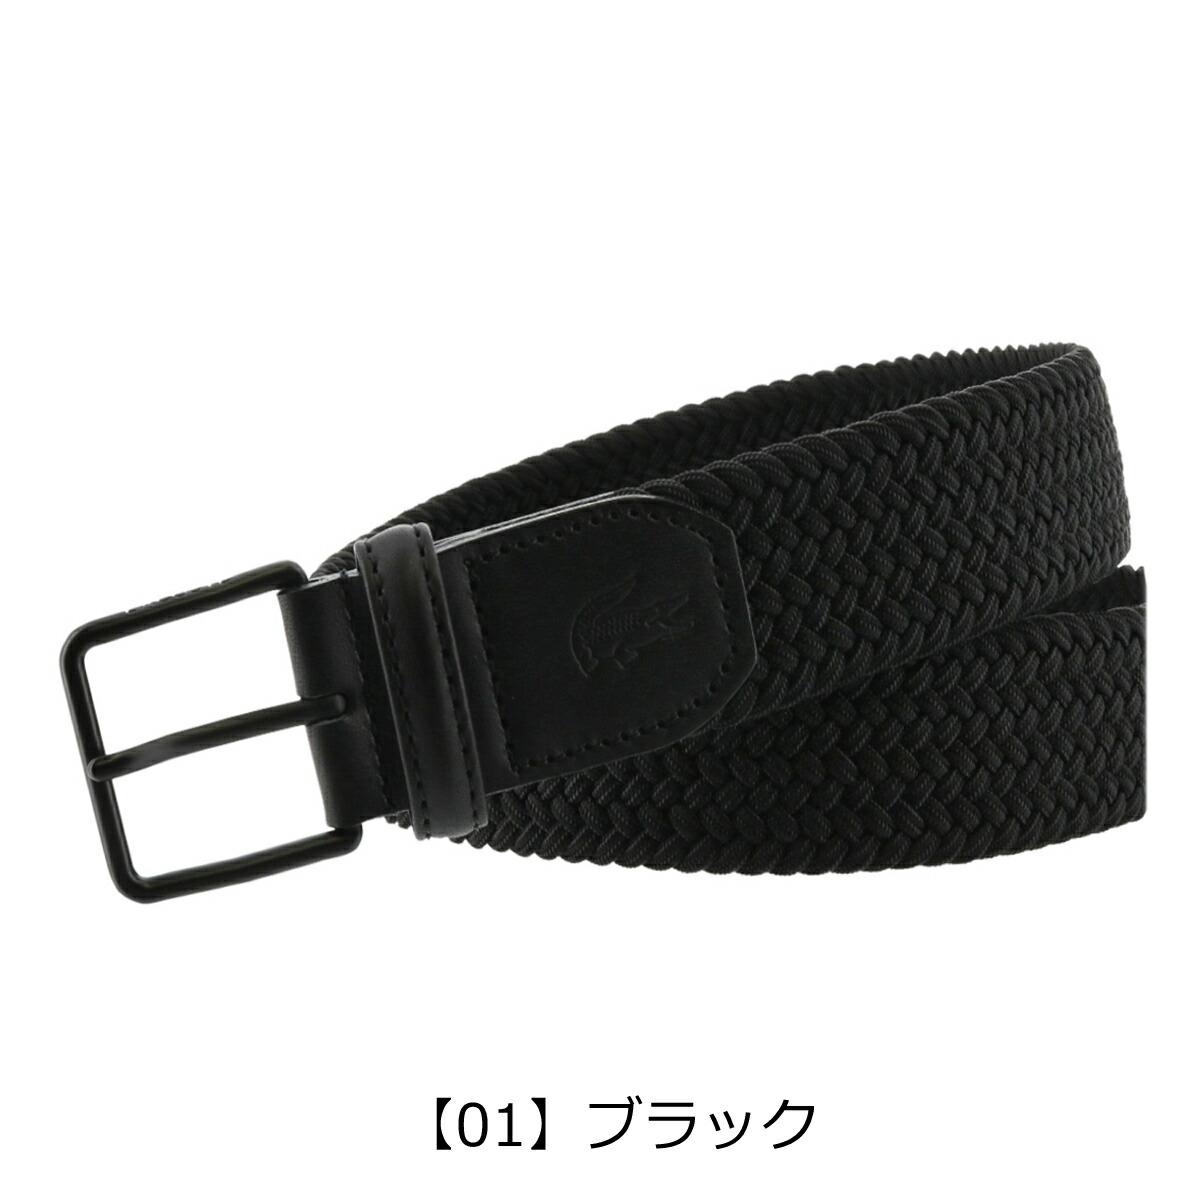 【01】ブラック(クロ)